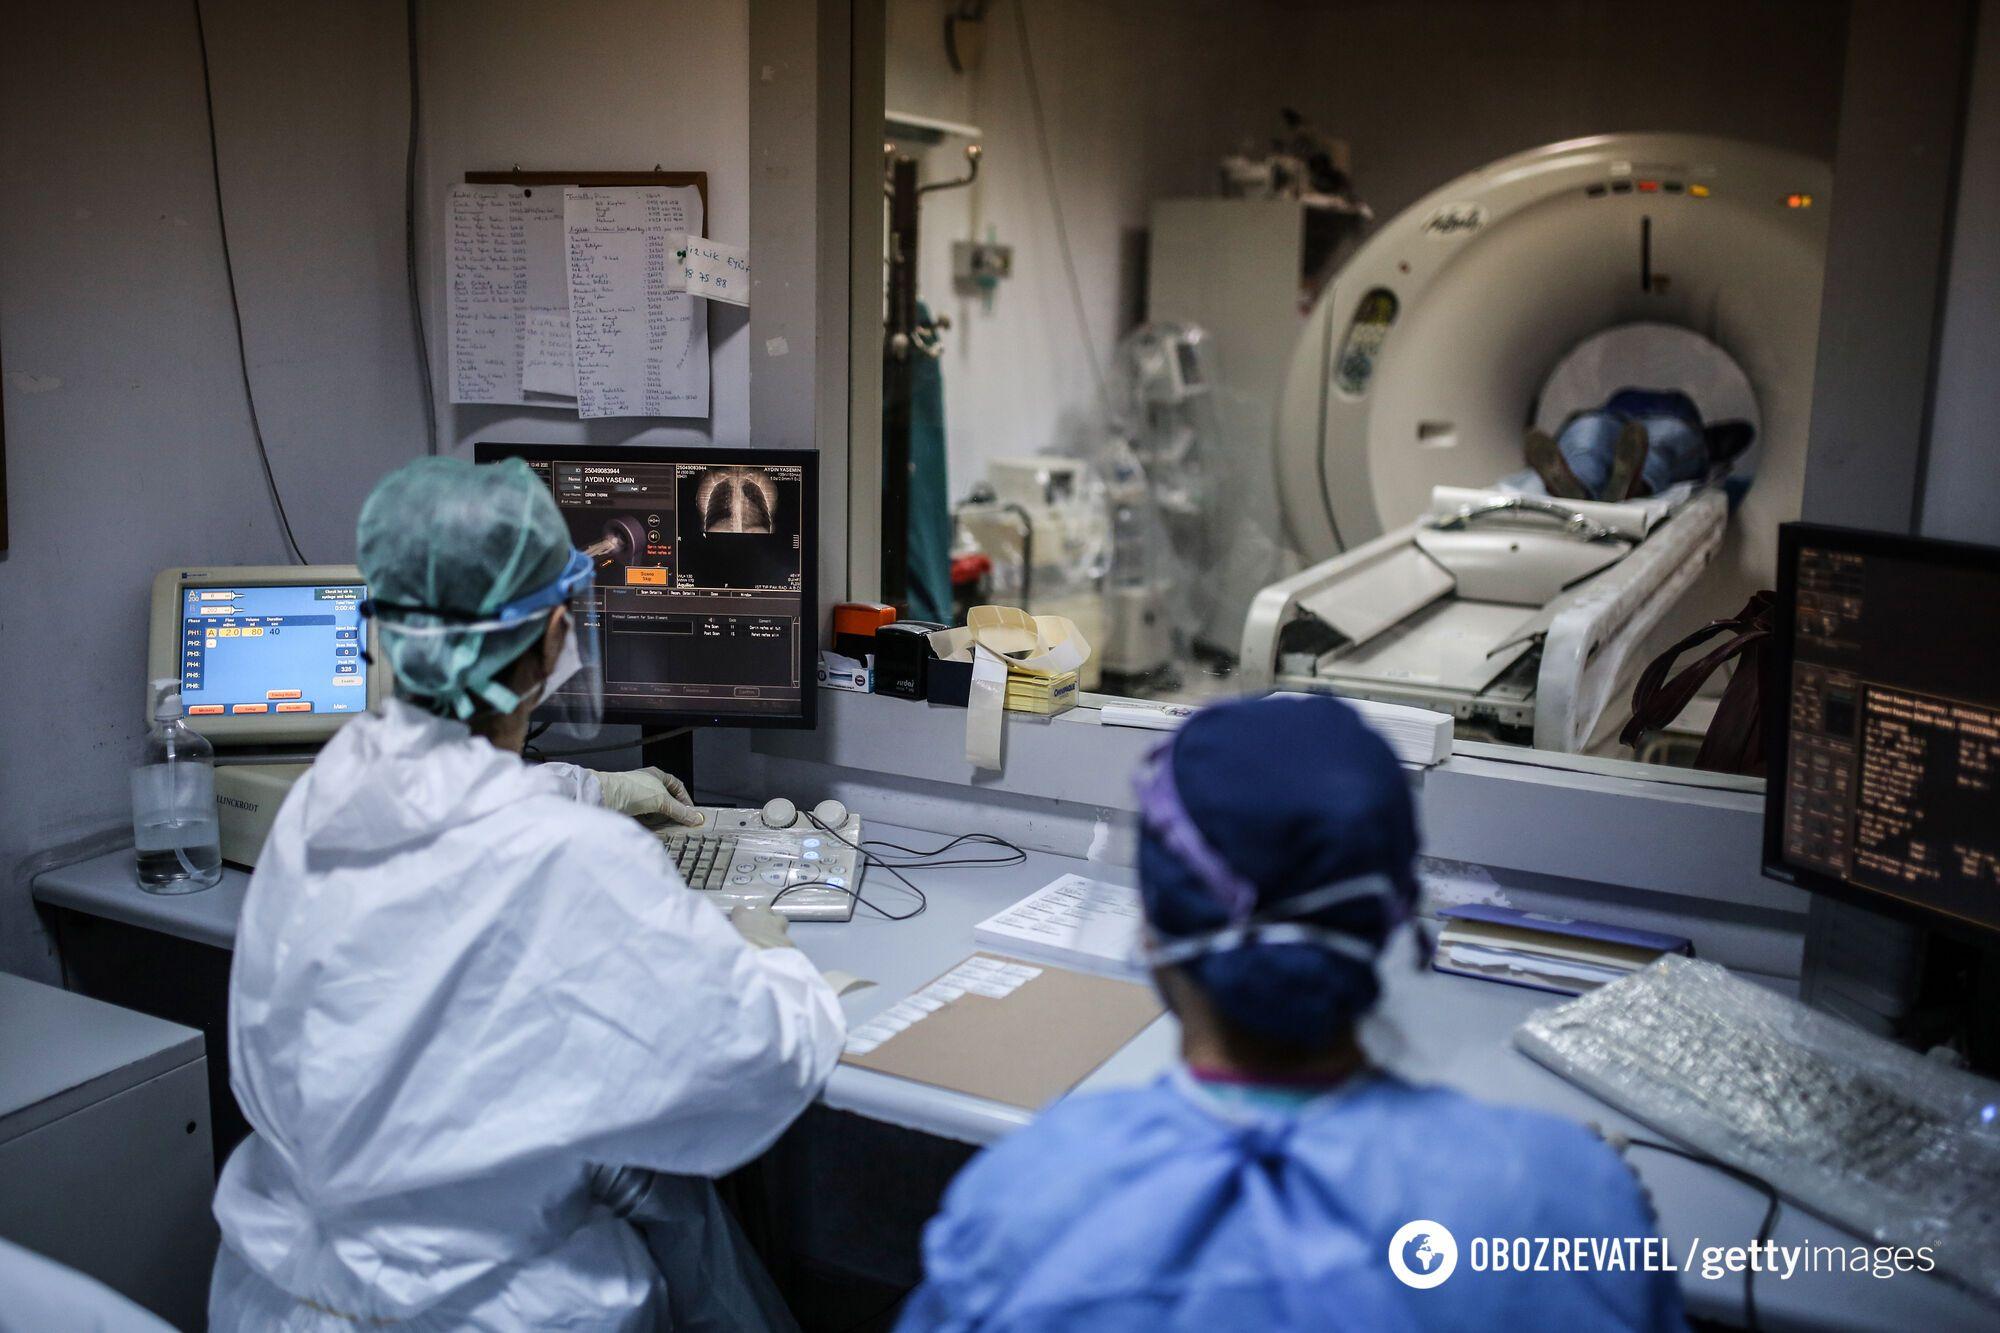 Страховка буде, але не всім! Як Україна намагається захистити лікарів, які борються з COVID-19